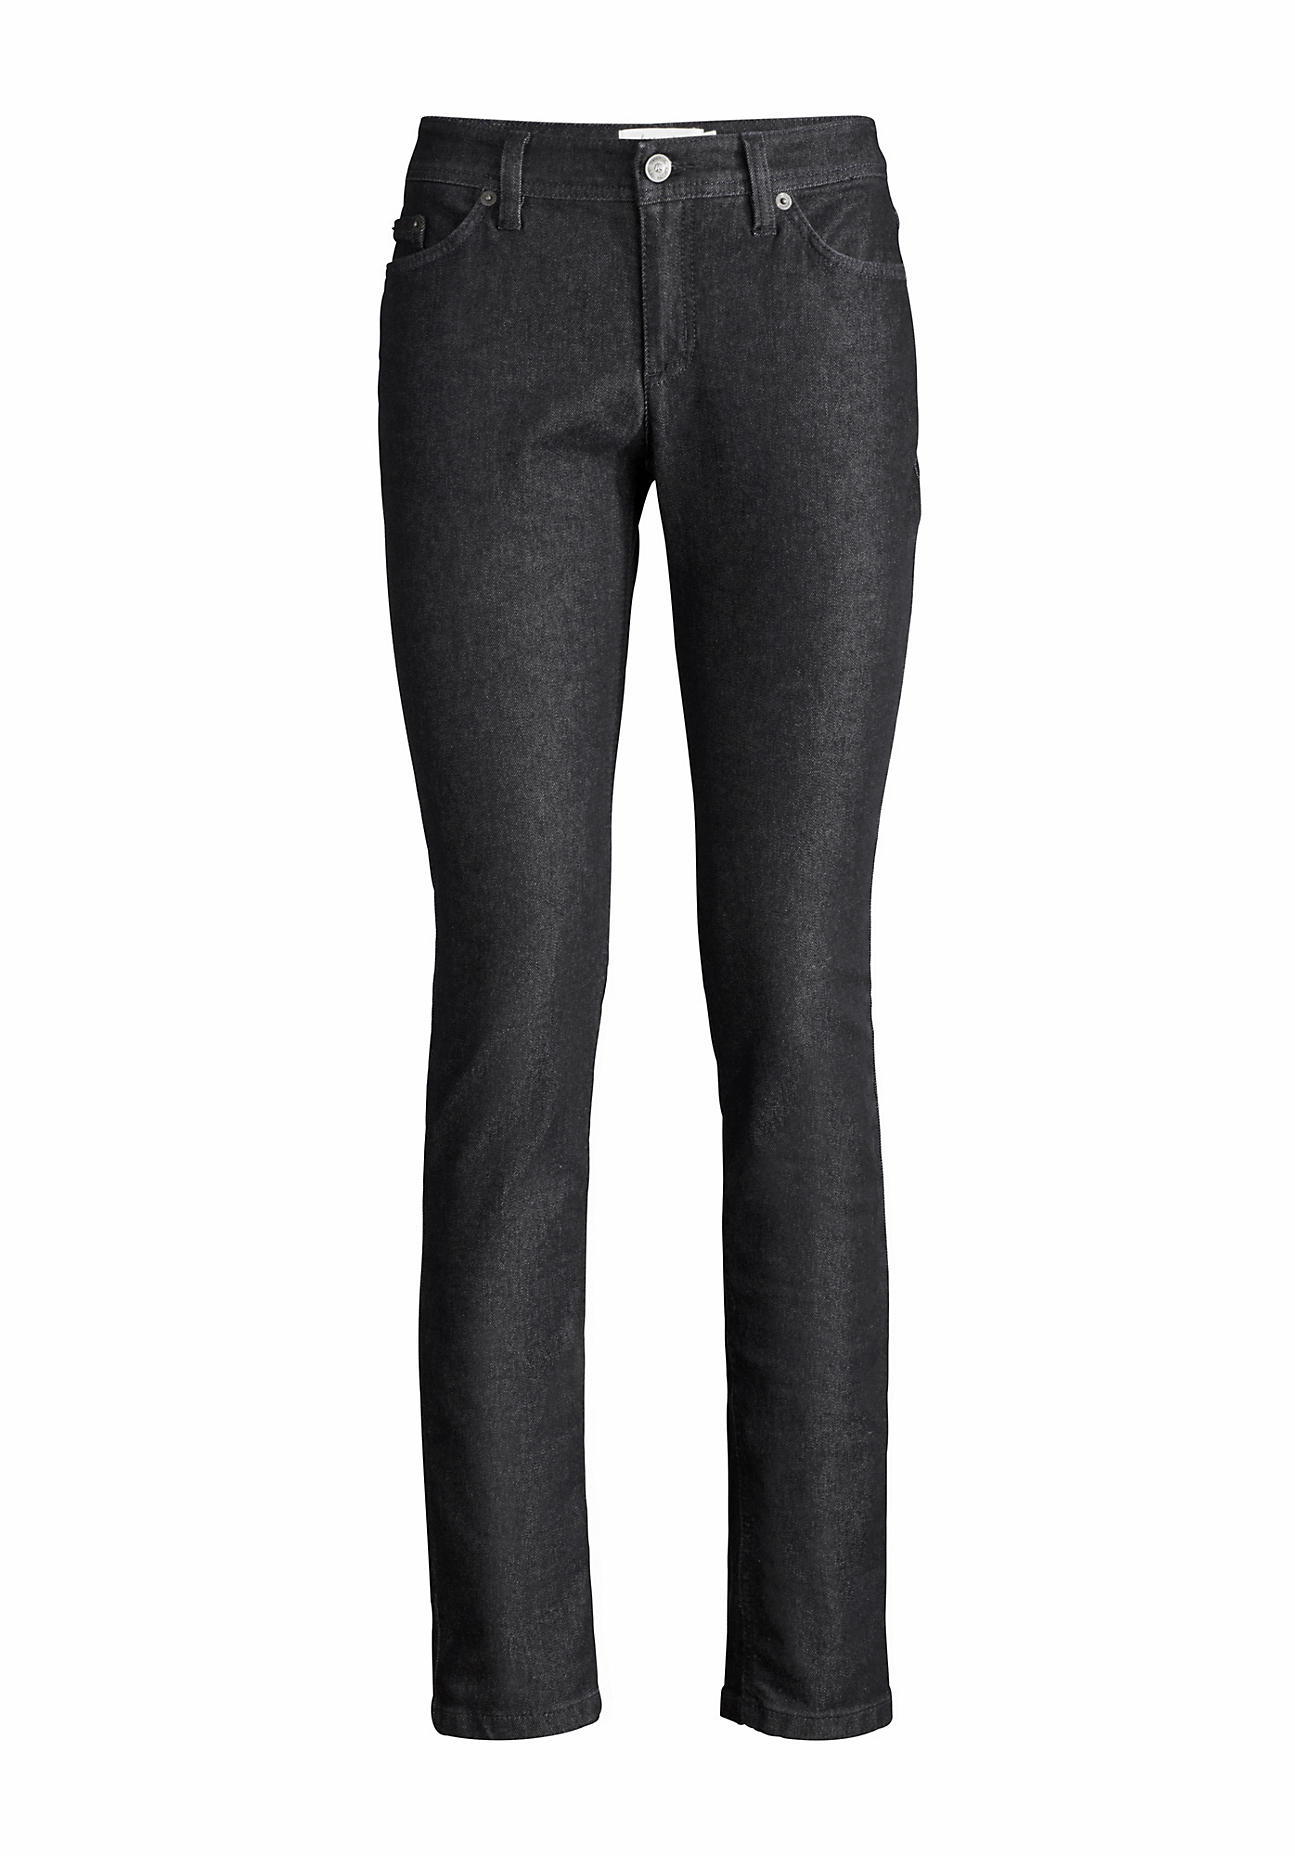 hessnatur Damen Jeans Slim Fit aus Bio-Denim – schwarz – Größe 26/32